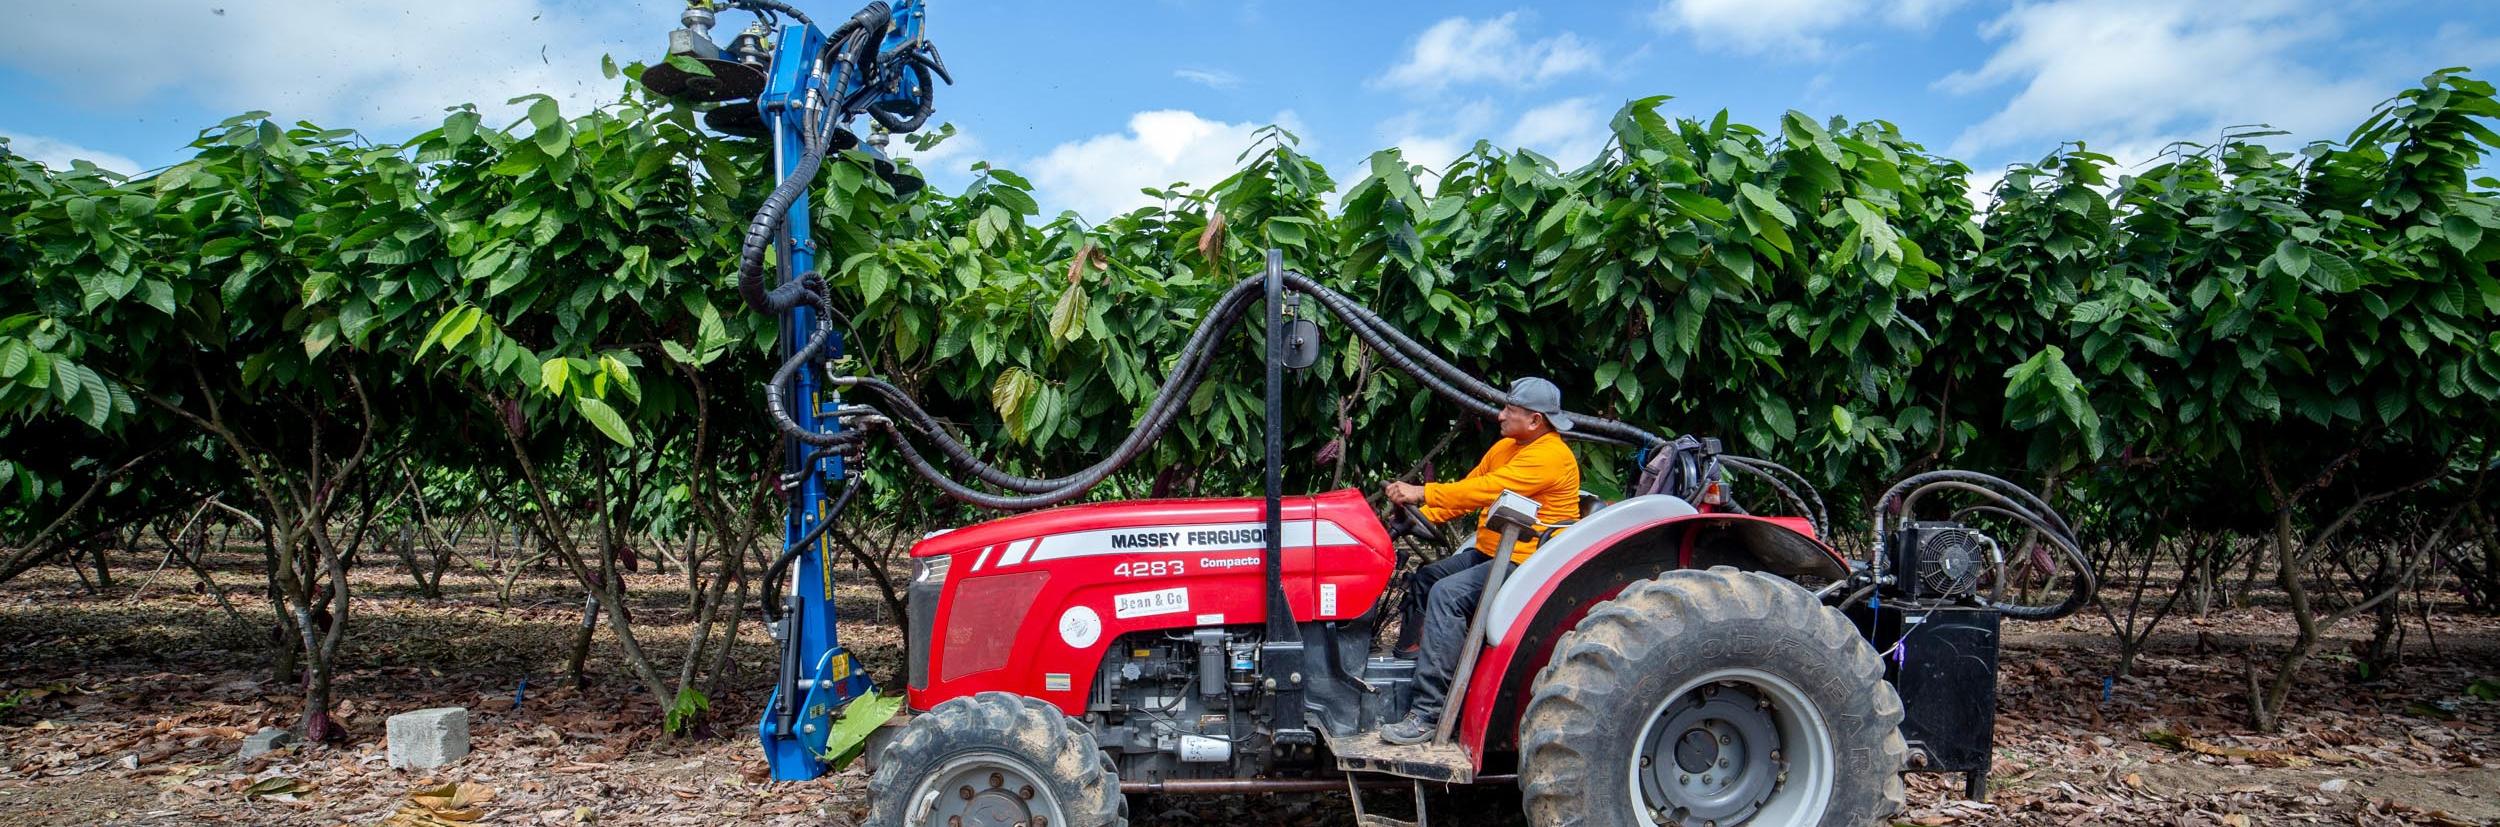 Ecuador Barry Callebaut header 1